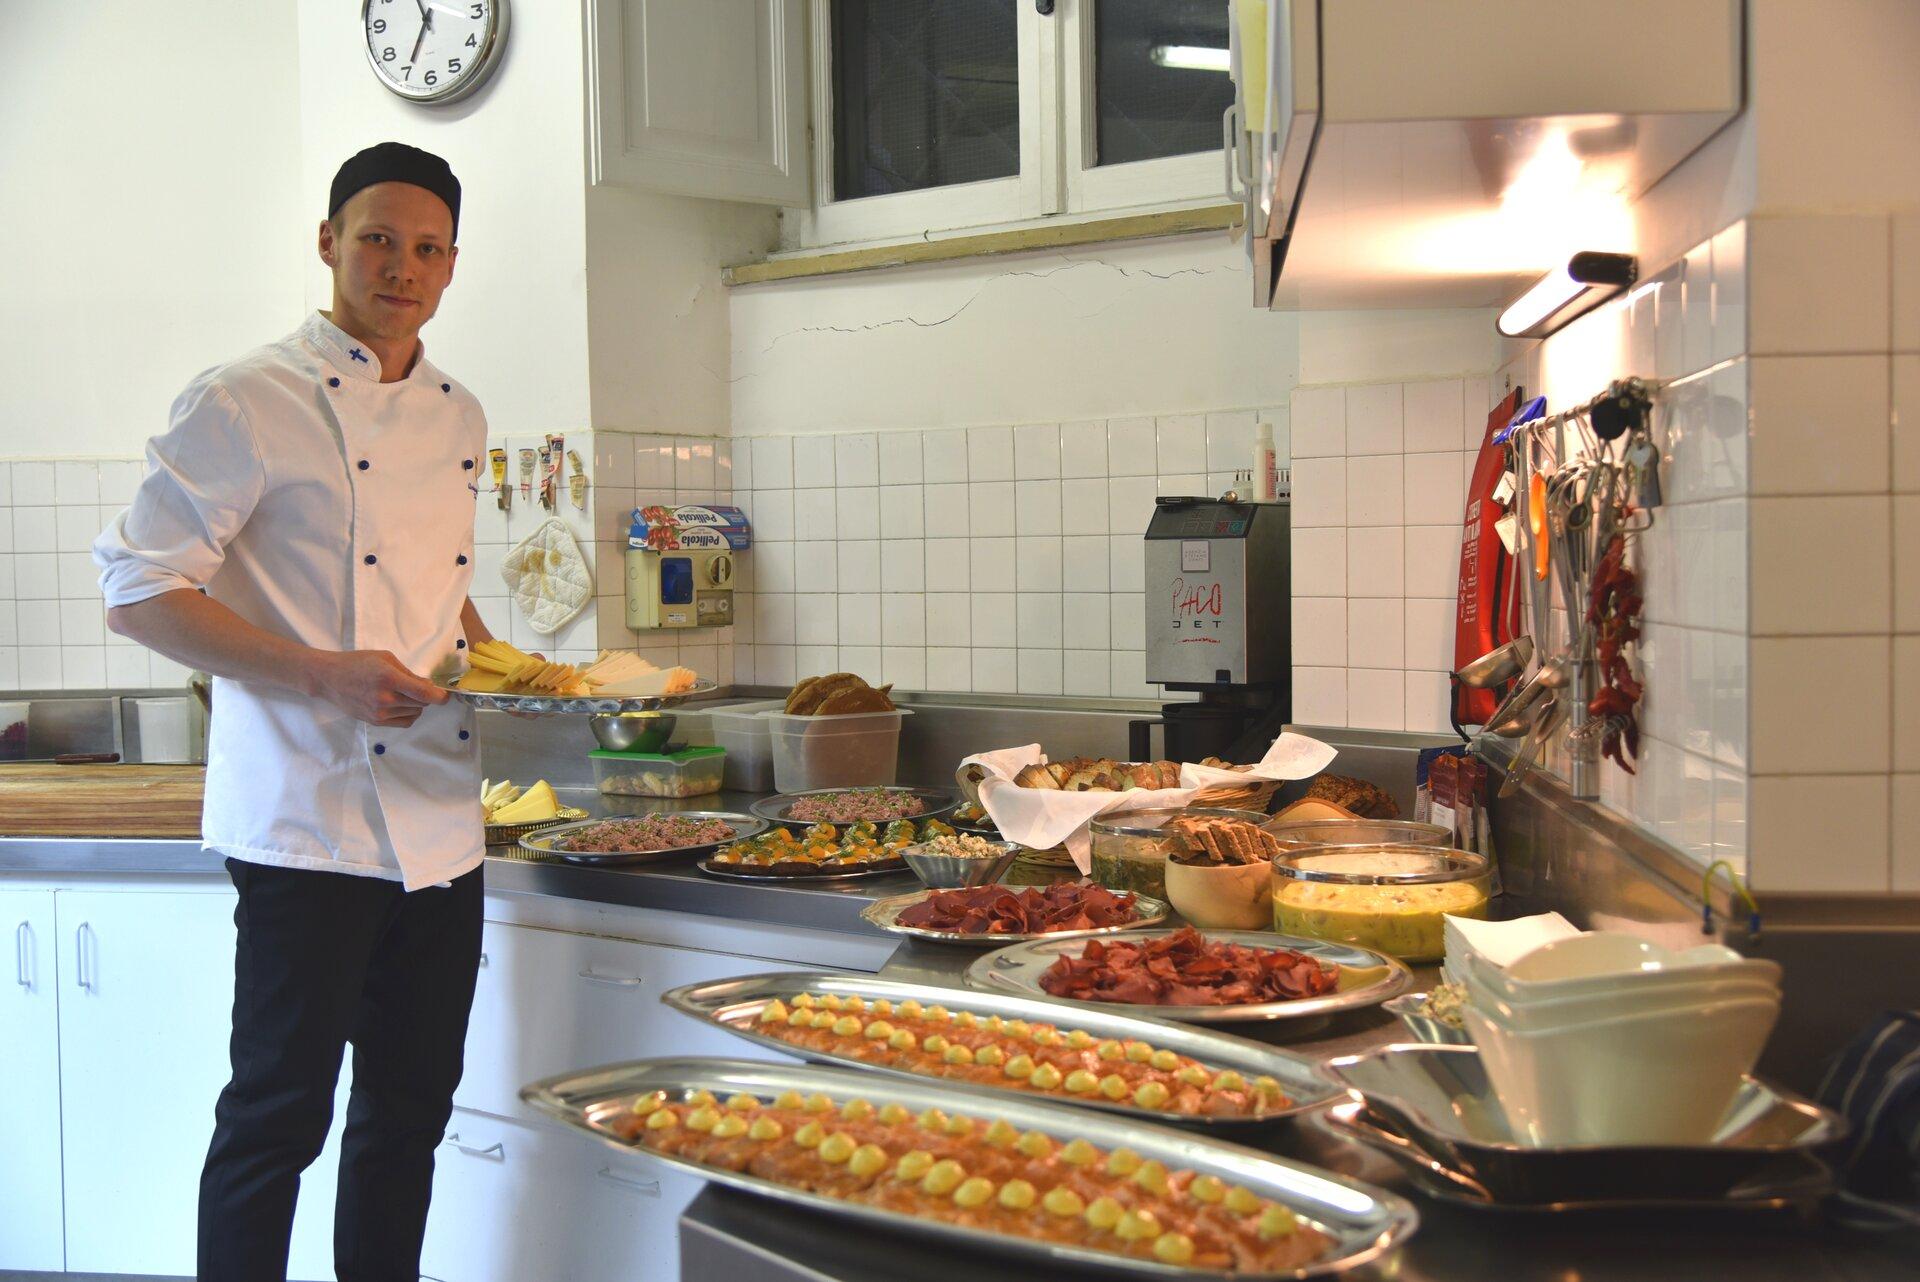 Voglia di expo la cucina finlandese agrodolce - La cucina di aria ...